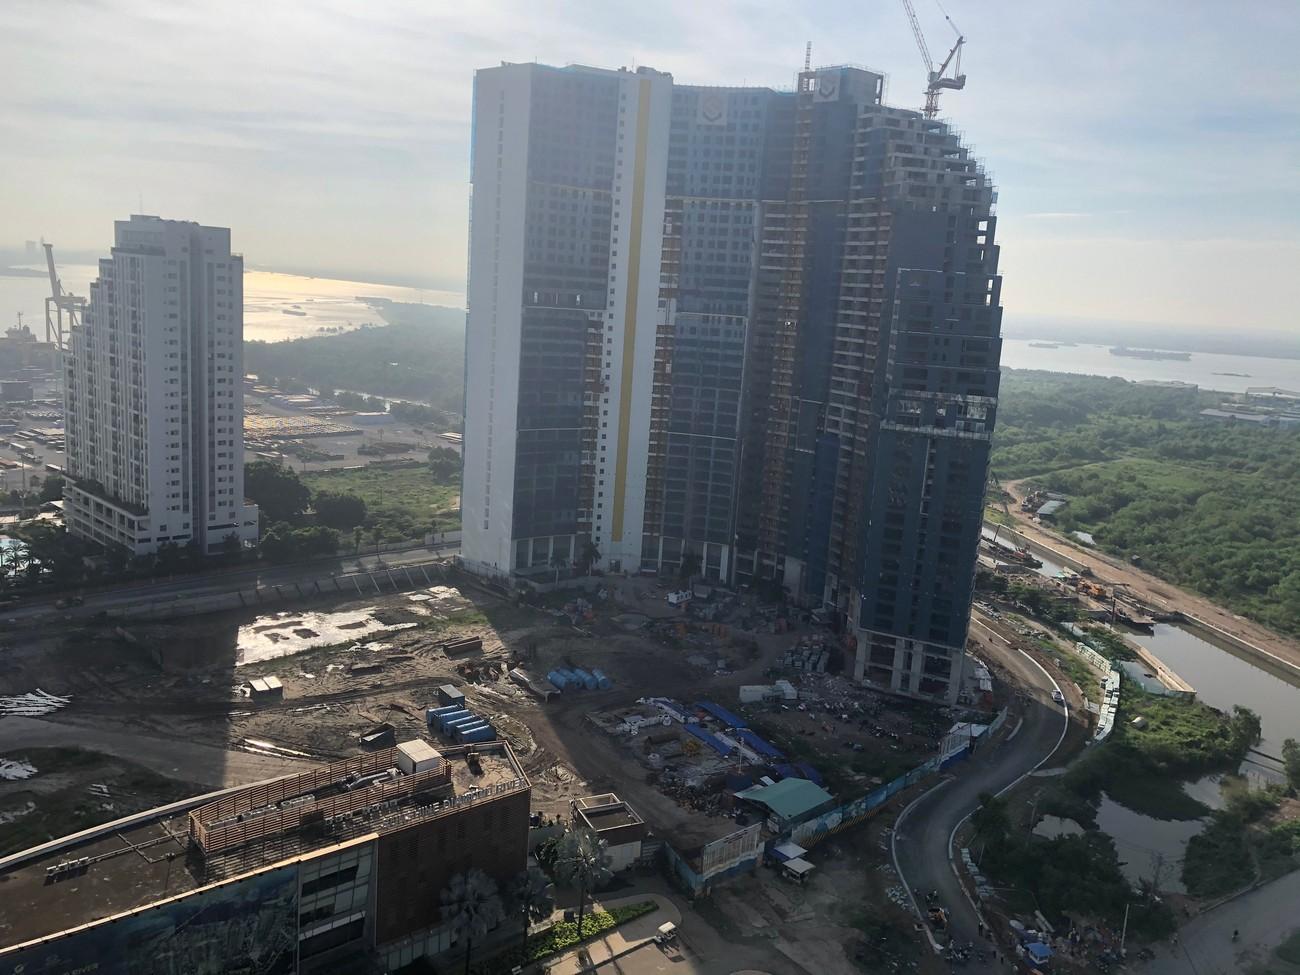 Tiến độ xây dựng dự án căn hộ chung cư Sunshine Diamond River 01/08/2020